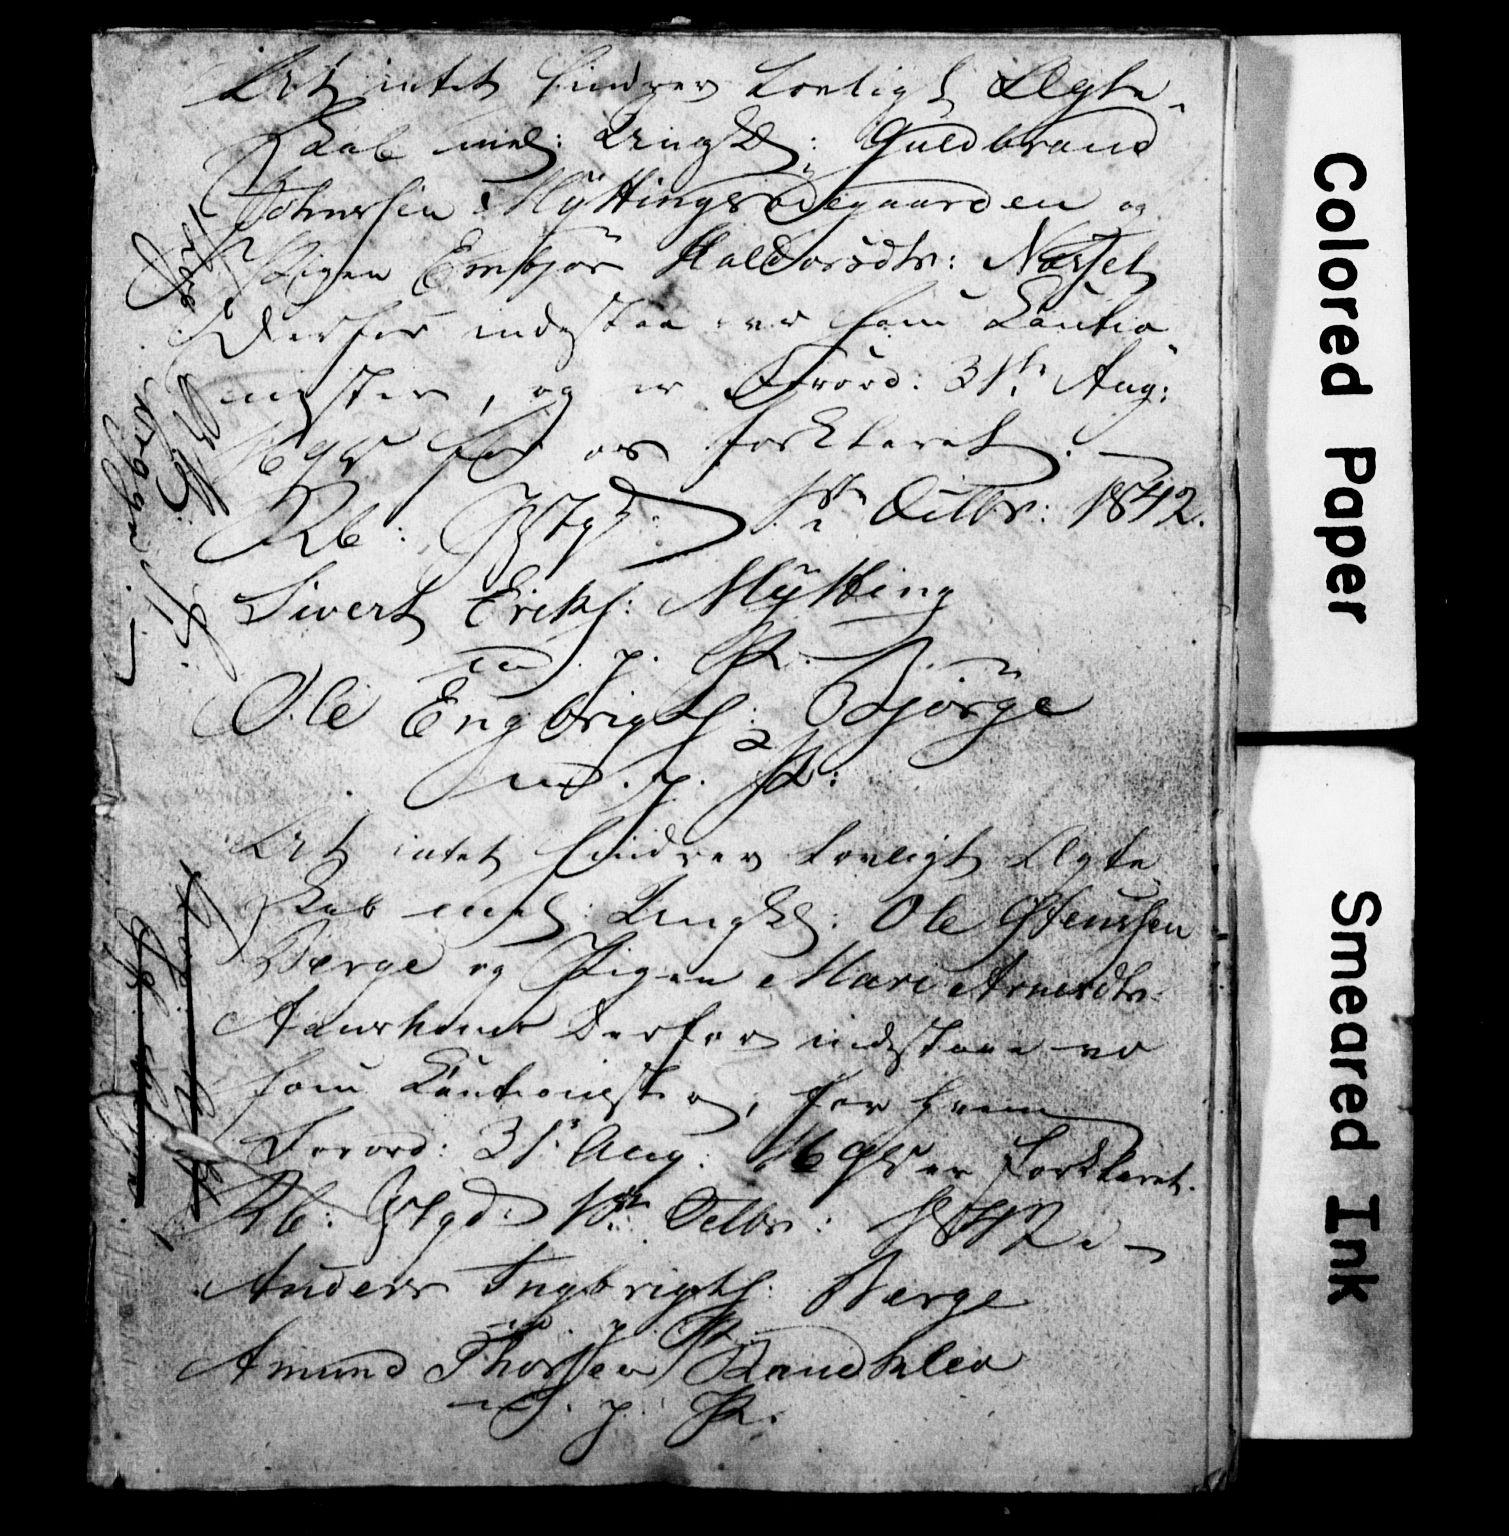 SAH, Ringebu prestekontor, Forlovererklæringer nr. -, 1842-1854